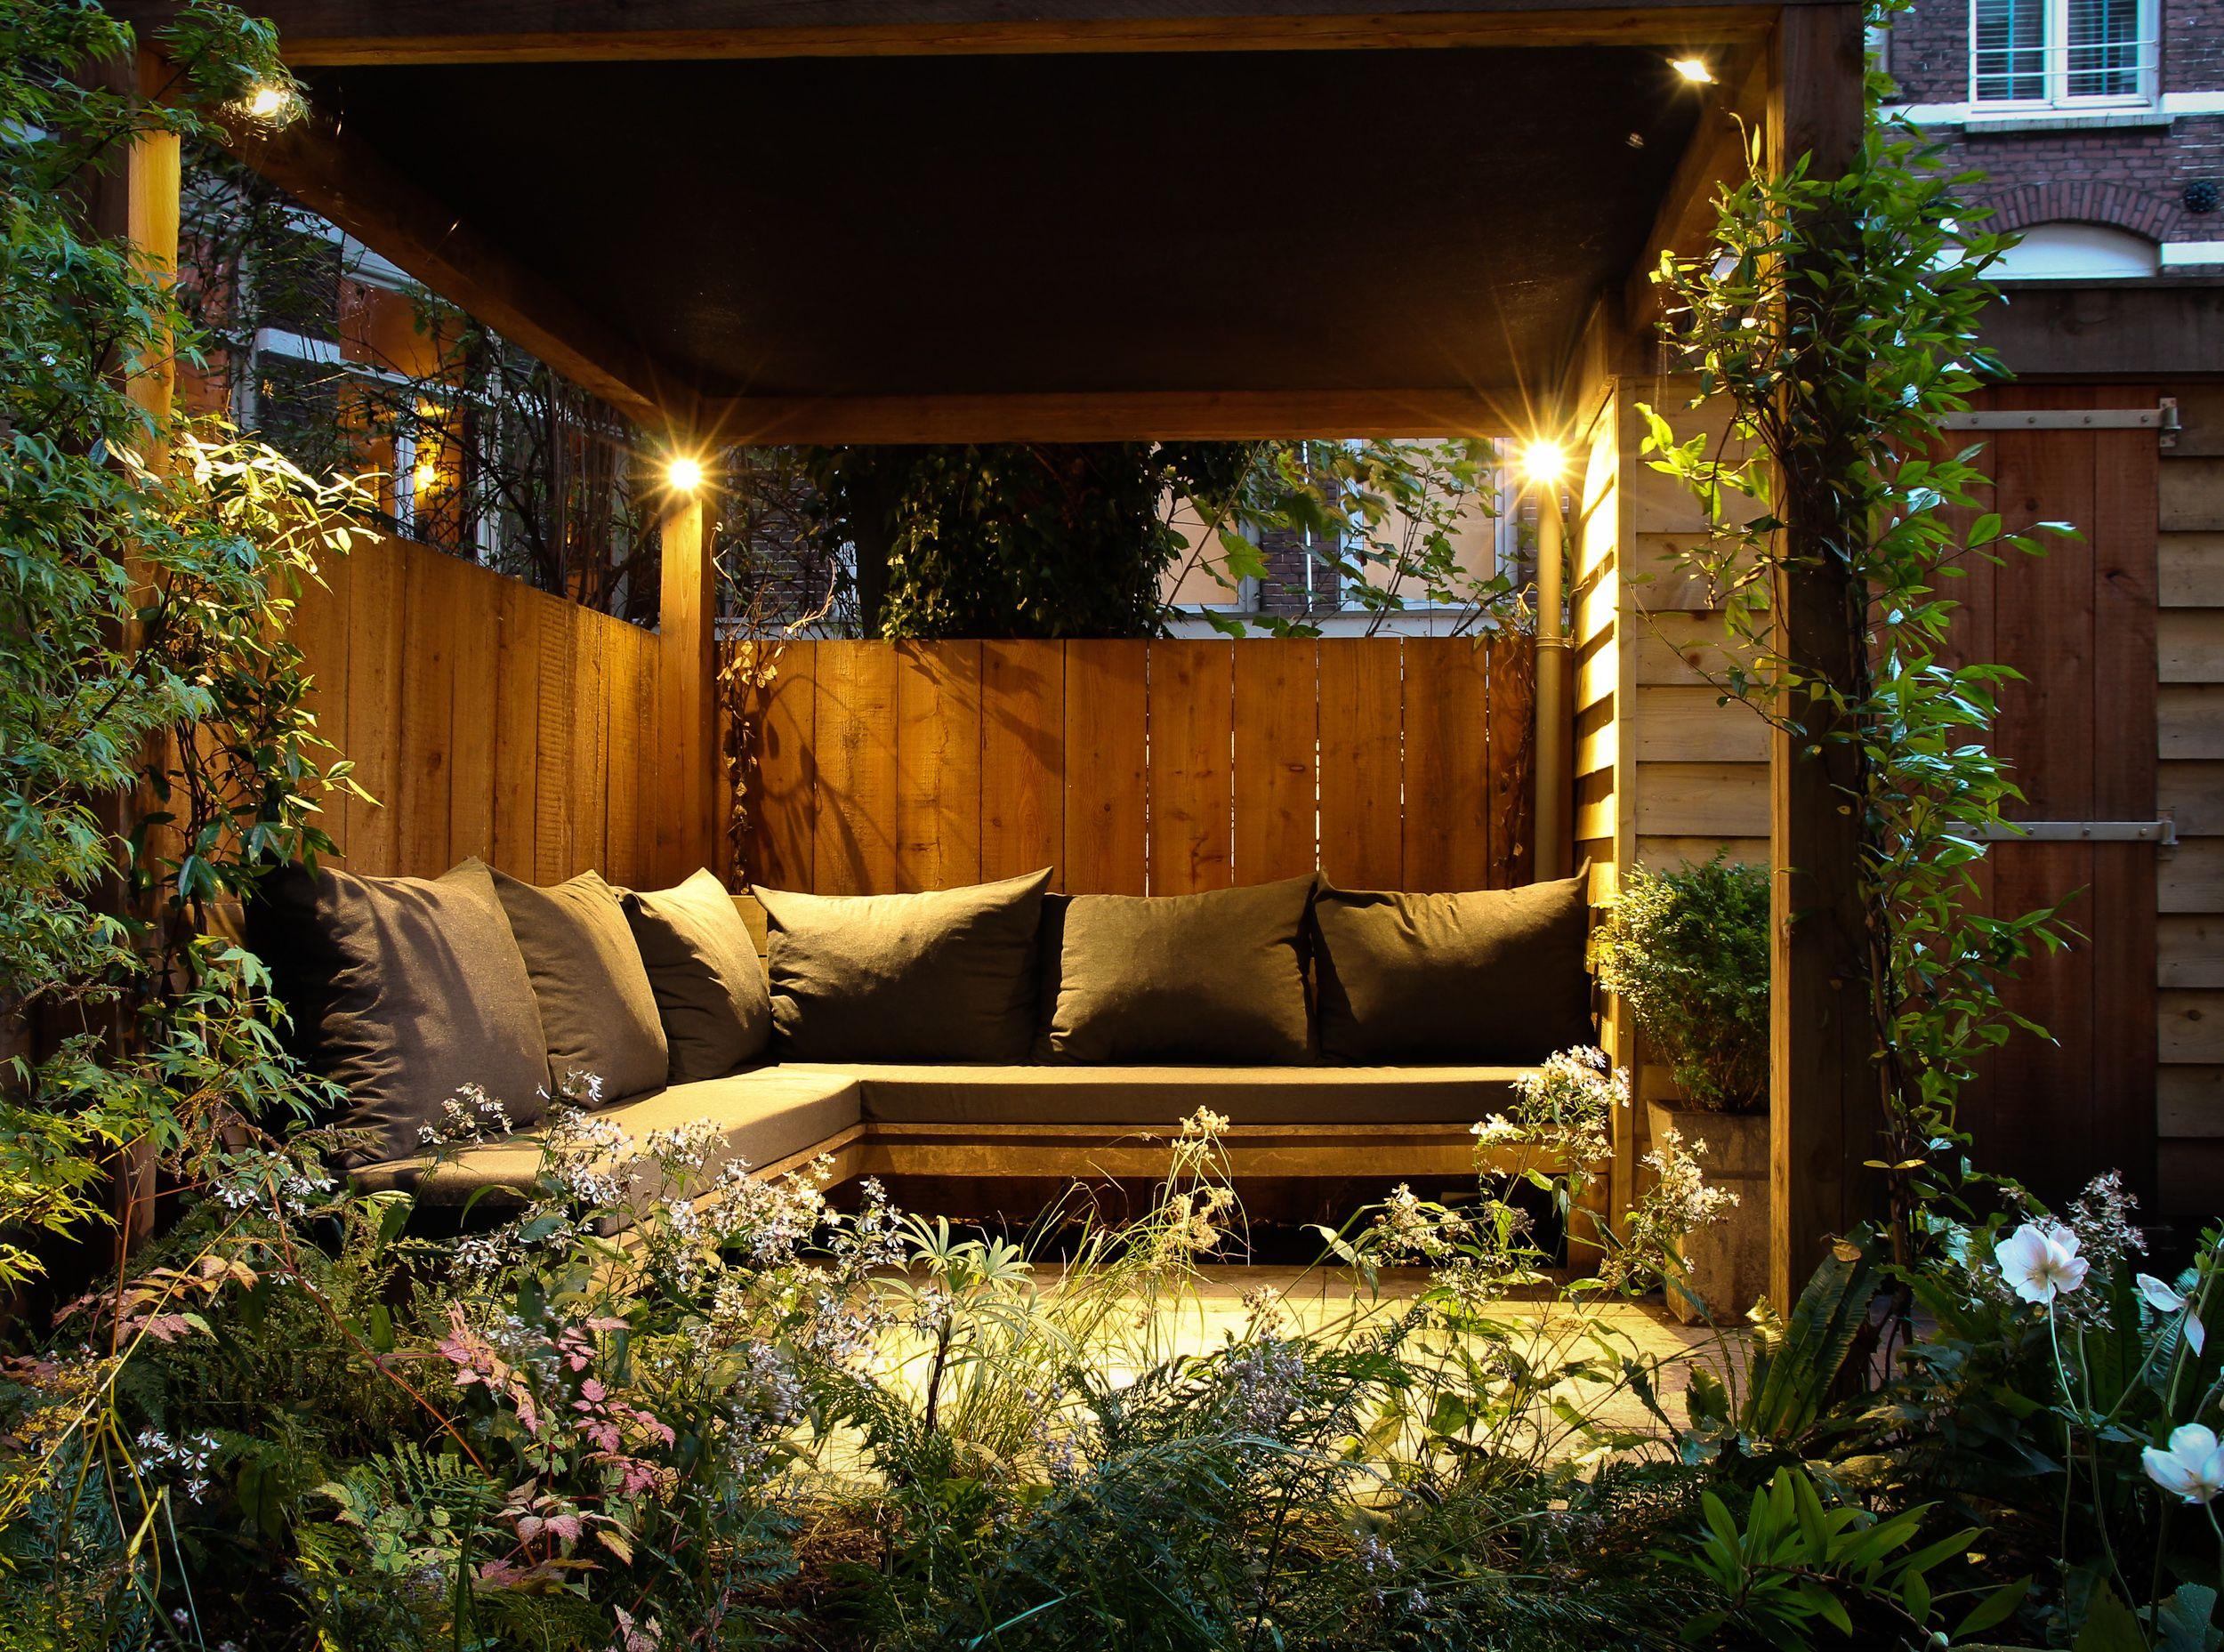 kleine stadstuin - Google zoeken | Tuin | Pinterest | Gardens ...